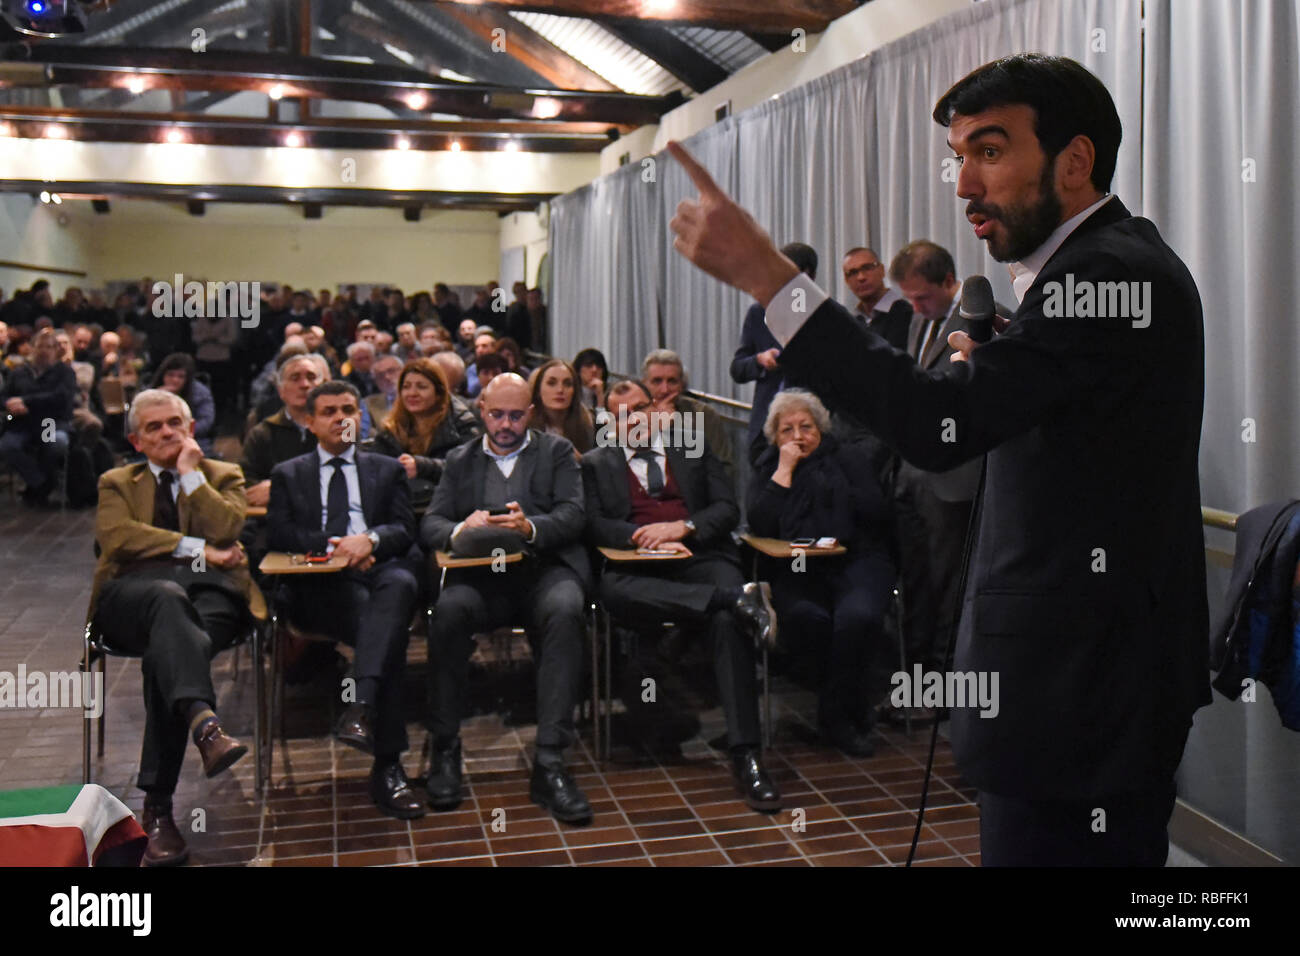 055e499787843a La Martina Stock Photos   La Martina Stock Images - Page 3 - Alamy